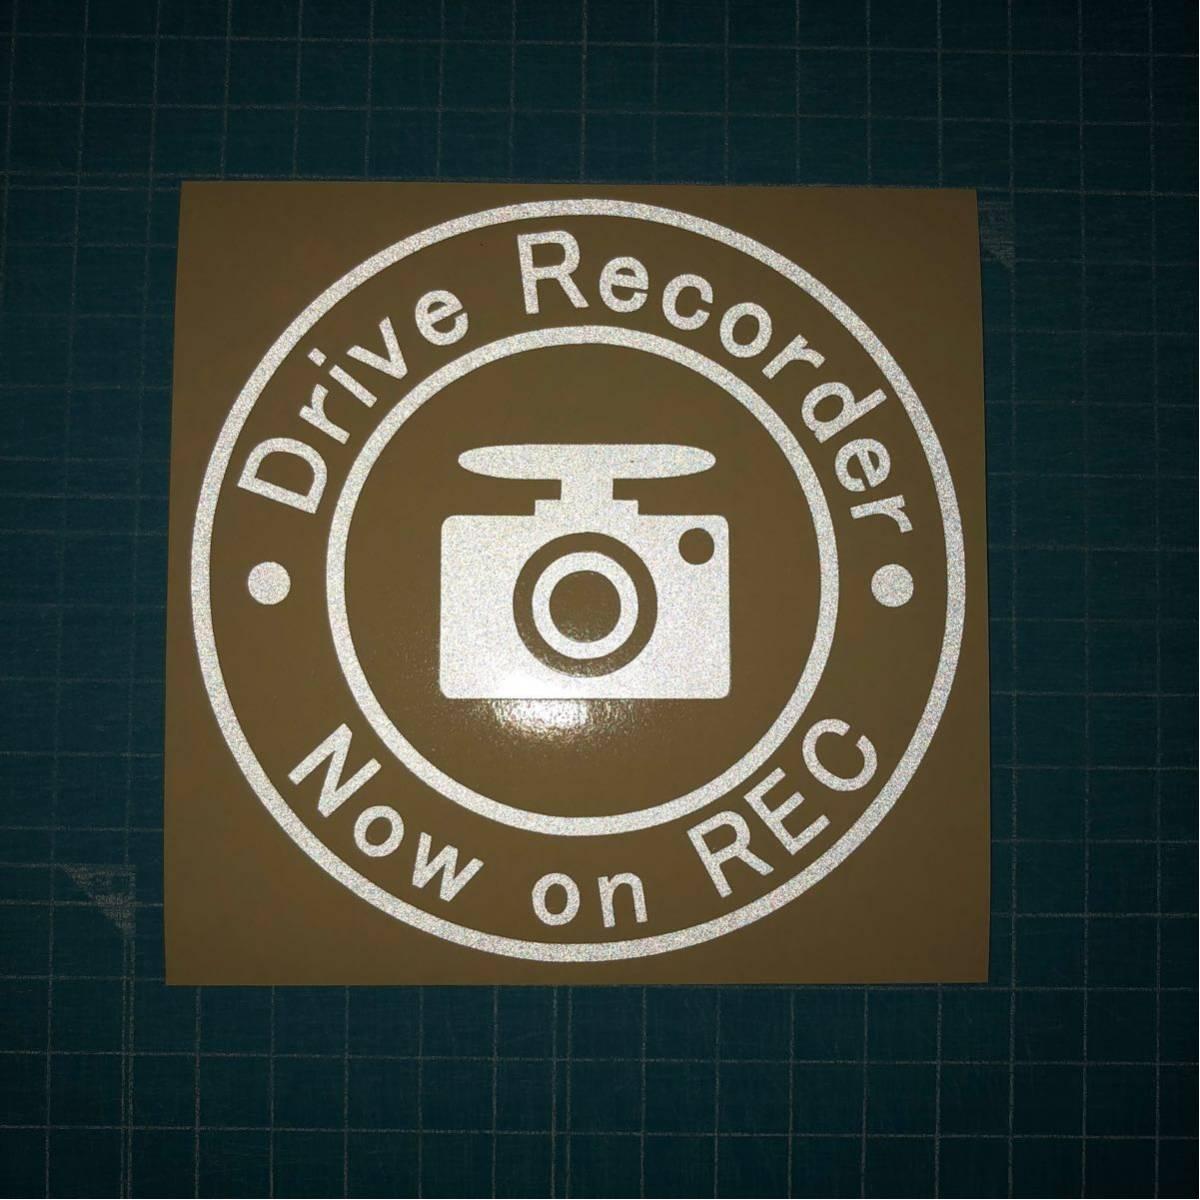 送料無料 反射ドライブレコーダー ステッカー 大サイズ シルバー Drive Recorder ドラレコ10 ヘラフラ usdm スタンス 世田谷ベース_画像1